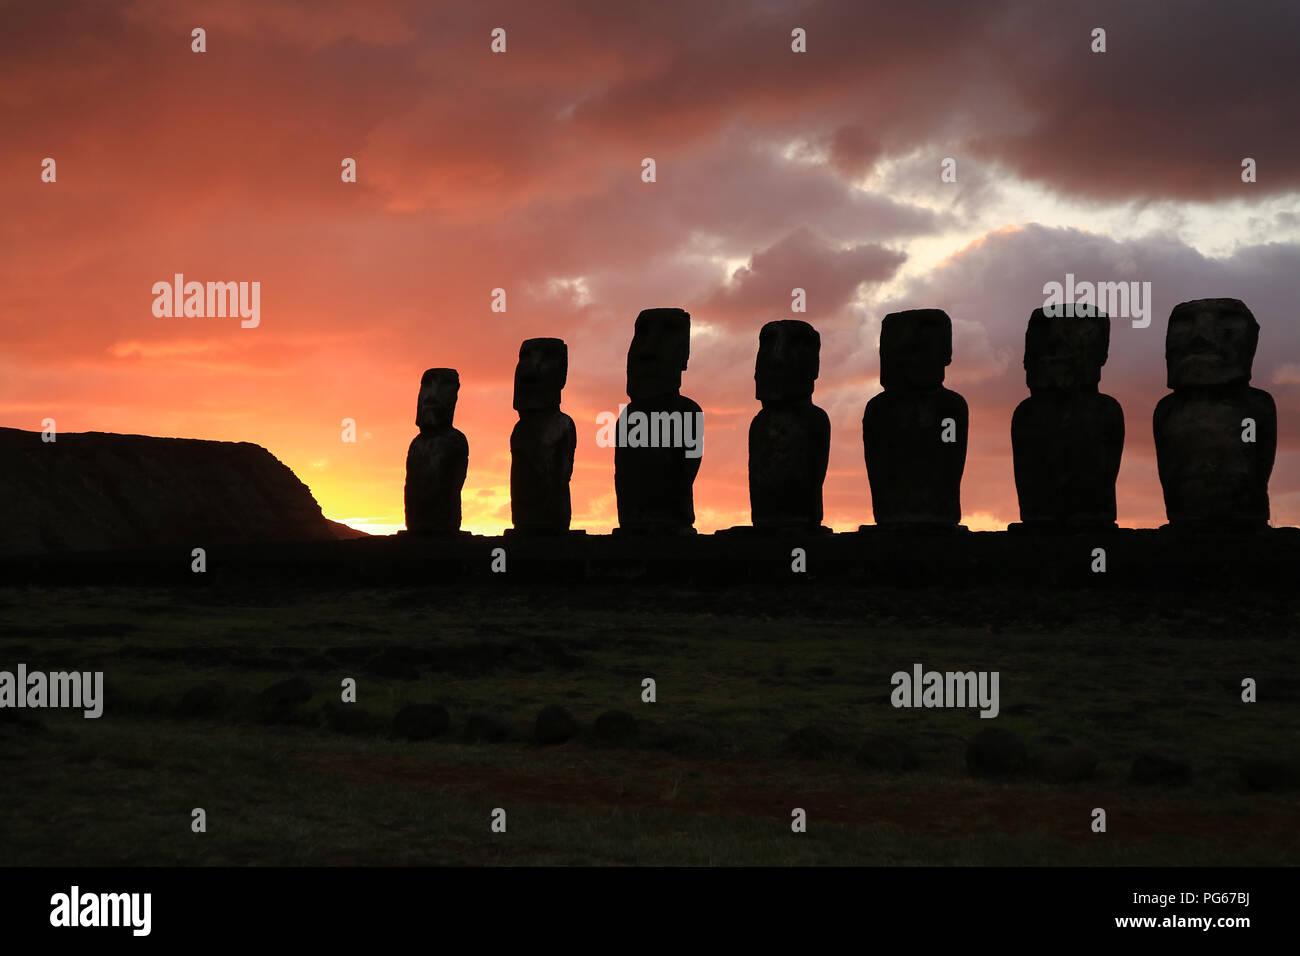 Silhouette di enormi statue Moai di Ahu Tongariki contro la bellissima alba cielo nuvoloso, sito archeologico in Isola di Pasqua, Cile Immagini Stock